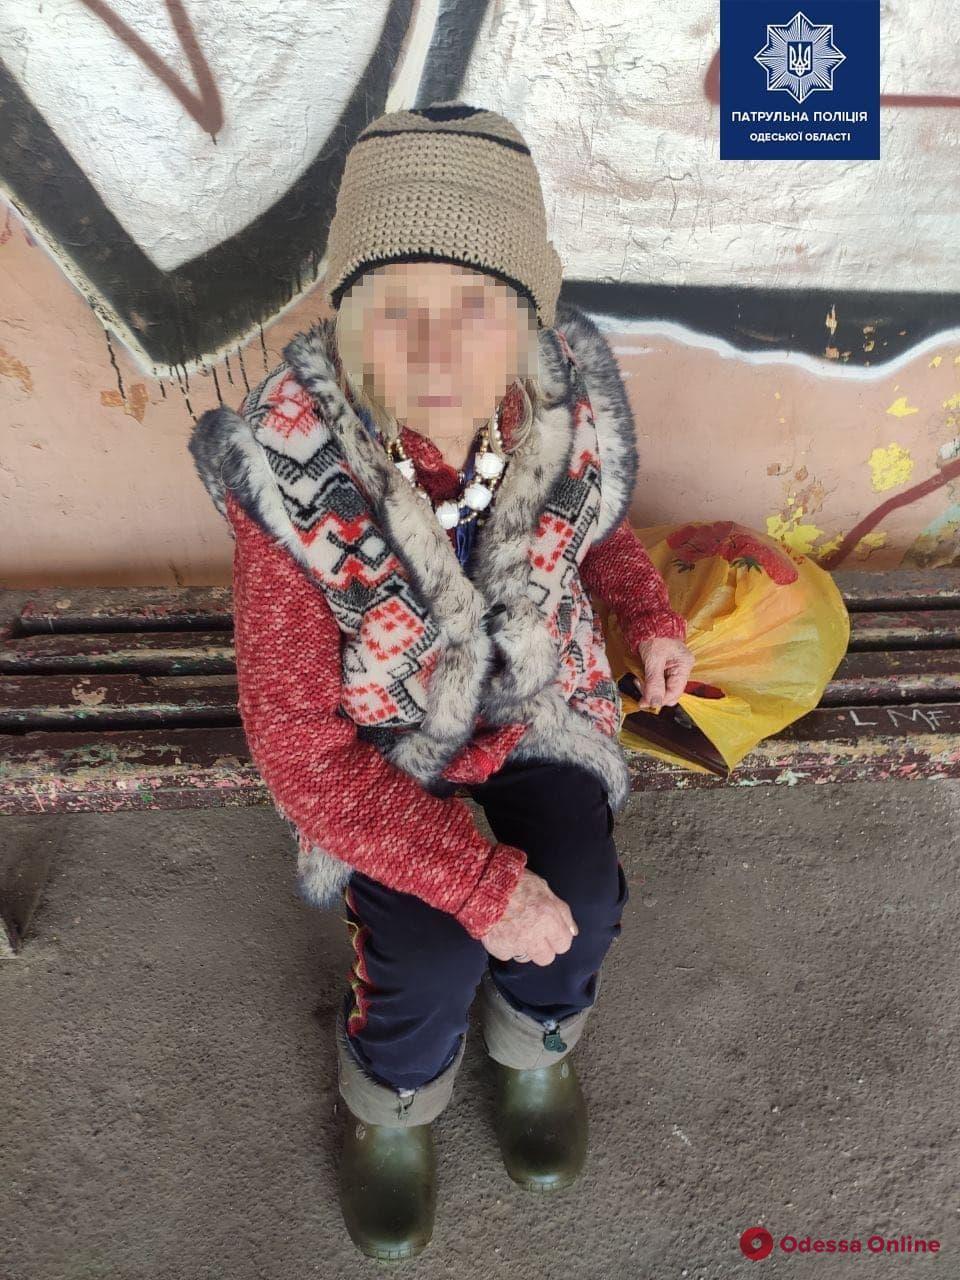 Одесские патрульные вернули домой потерявшуюся пожилую женщину